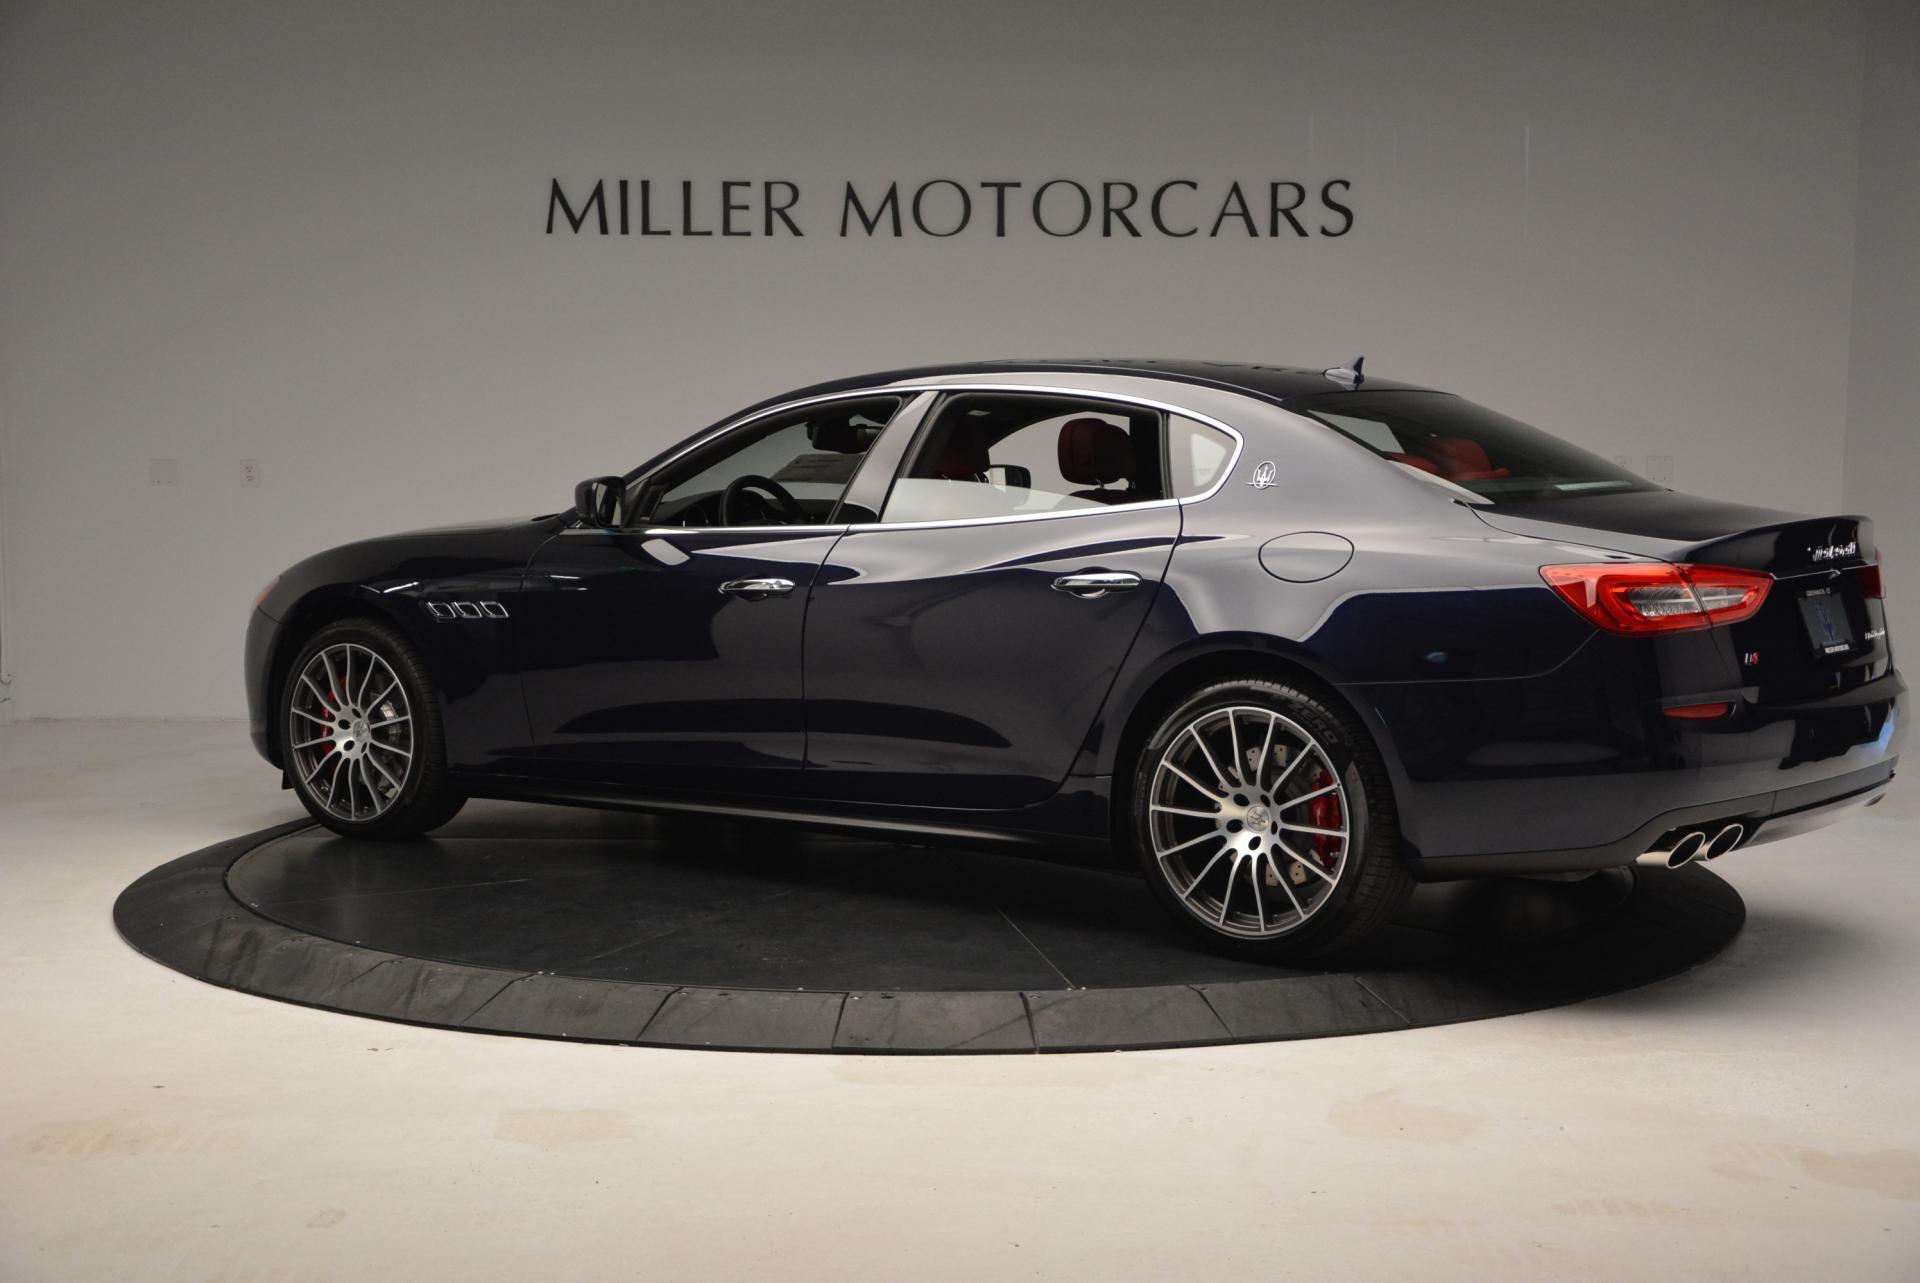 New 2016 Maserati Quattroporte S Q4  *******      DEALER'S  DEMO For Sale In Greenwich, CT 185_p5